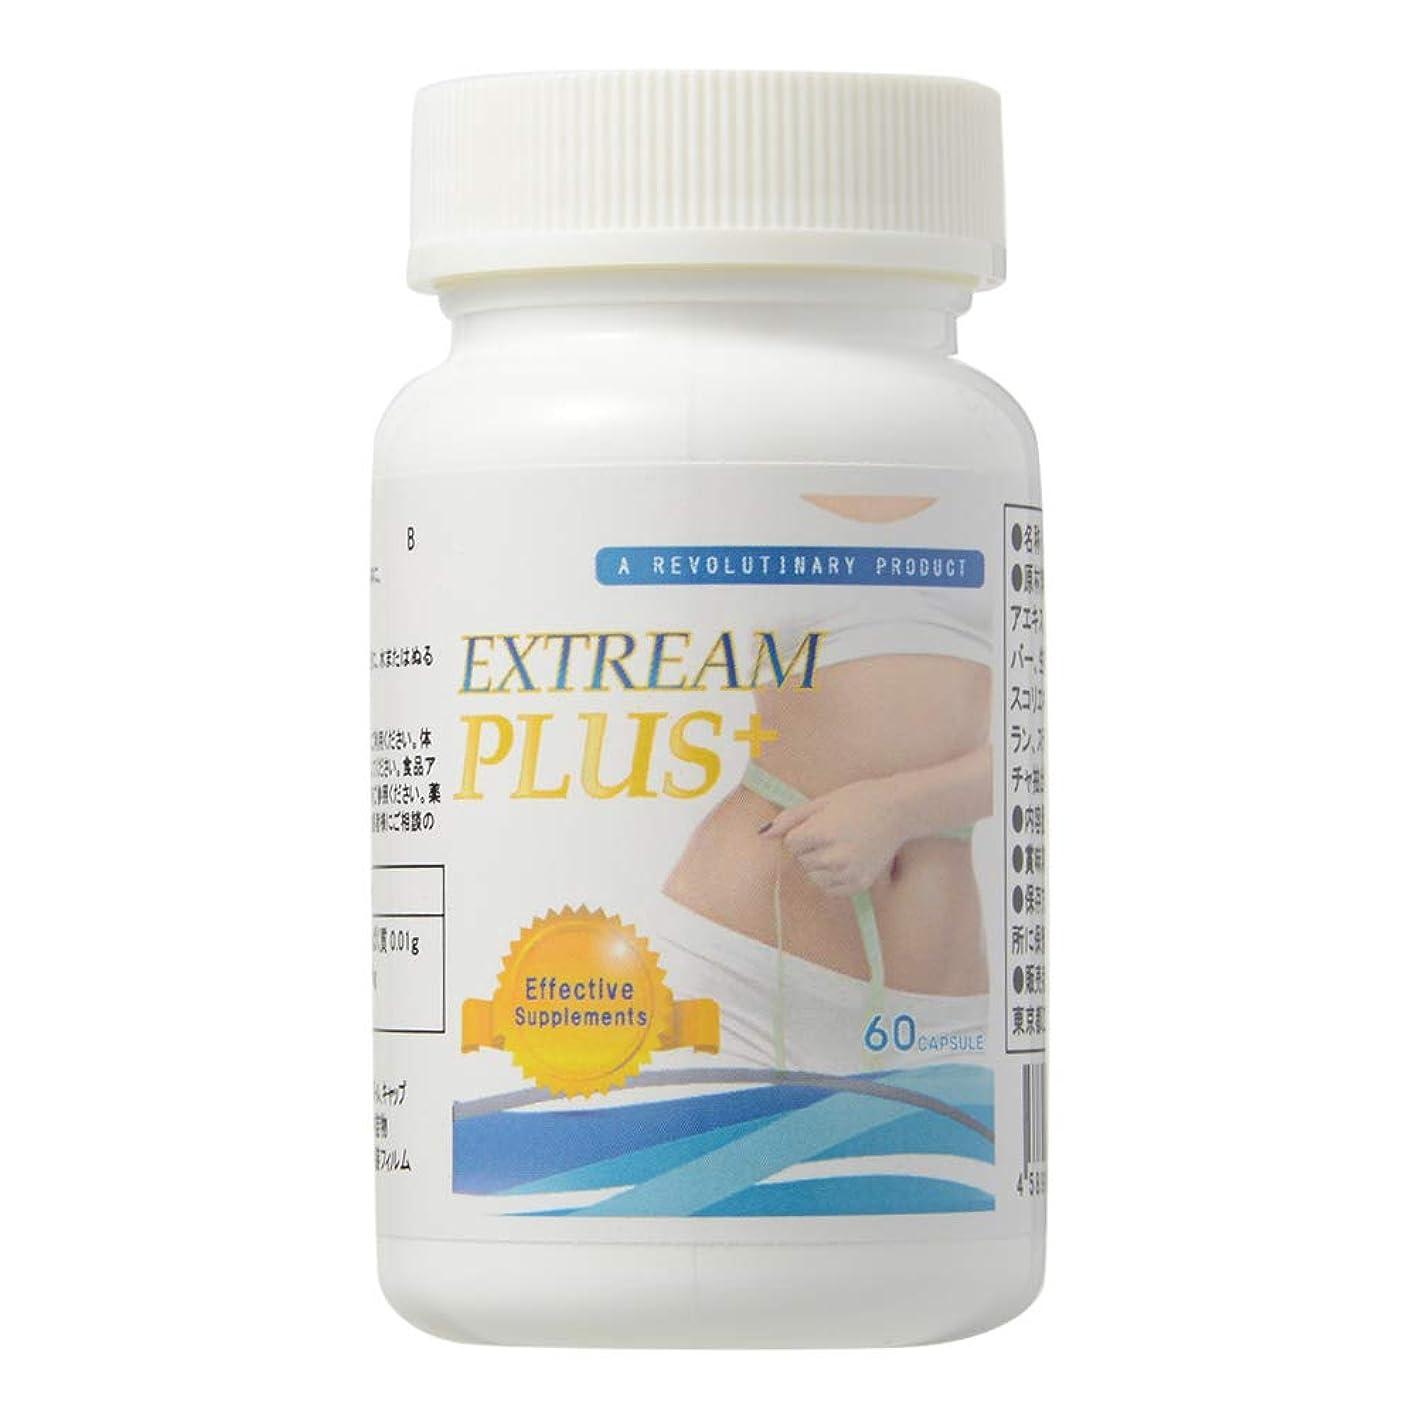 必需品降雨クライストチャーチExtream Plus (エクストリームプラス) 栄養補助食品 L-カルニチン サプリメント [250mg×60粒/ 説明書付き]